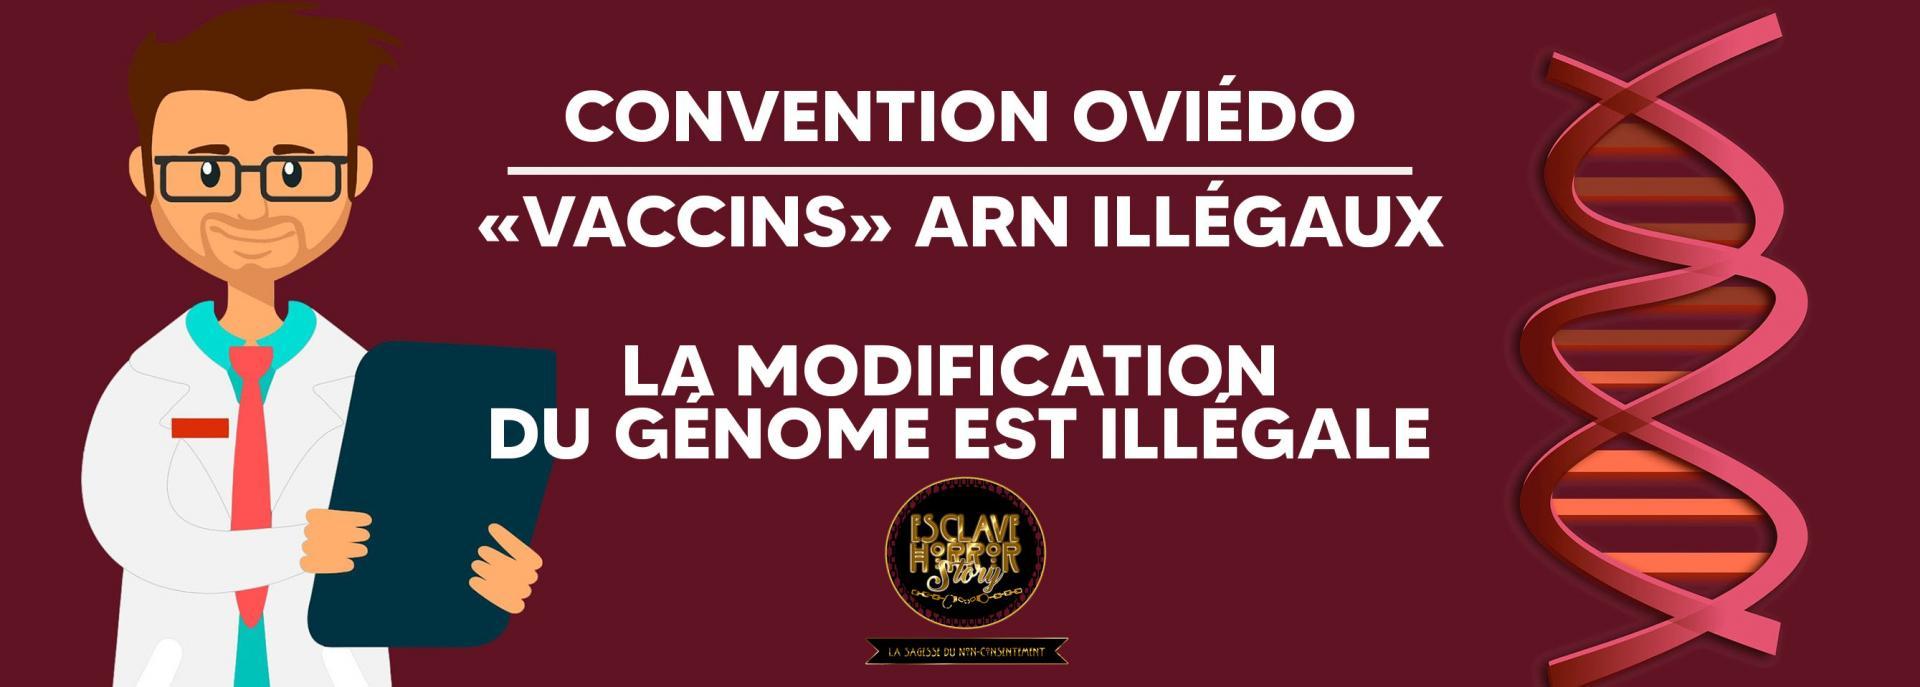 Vaccins arn illegaux 1